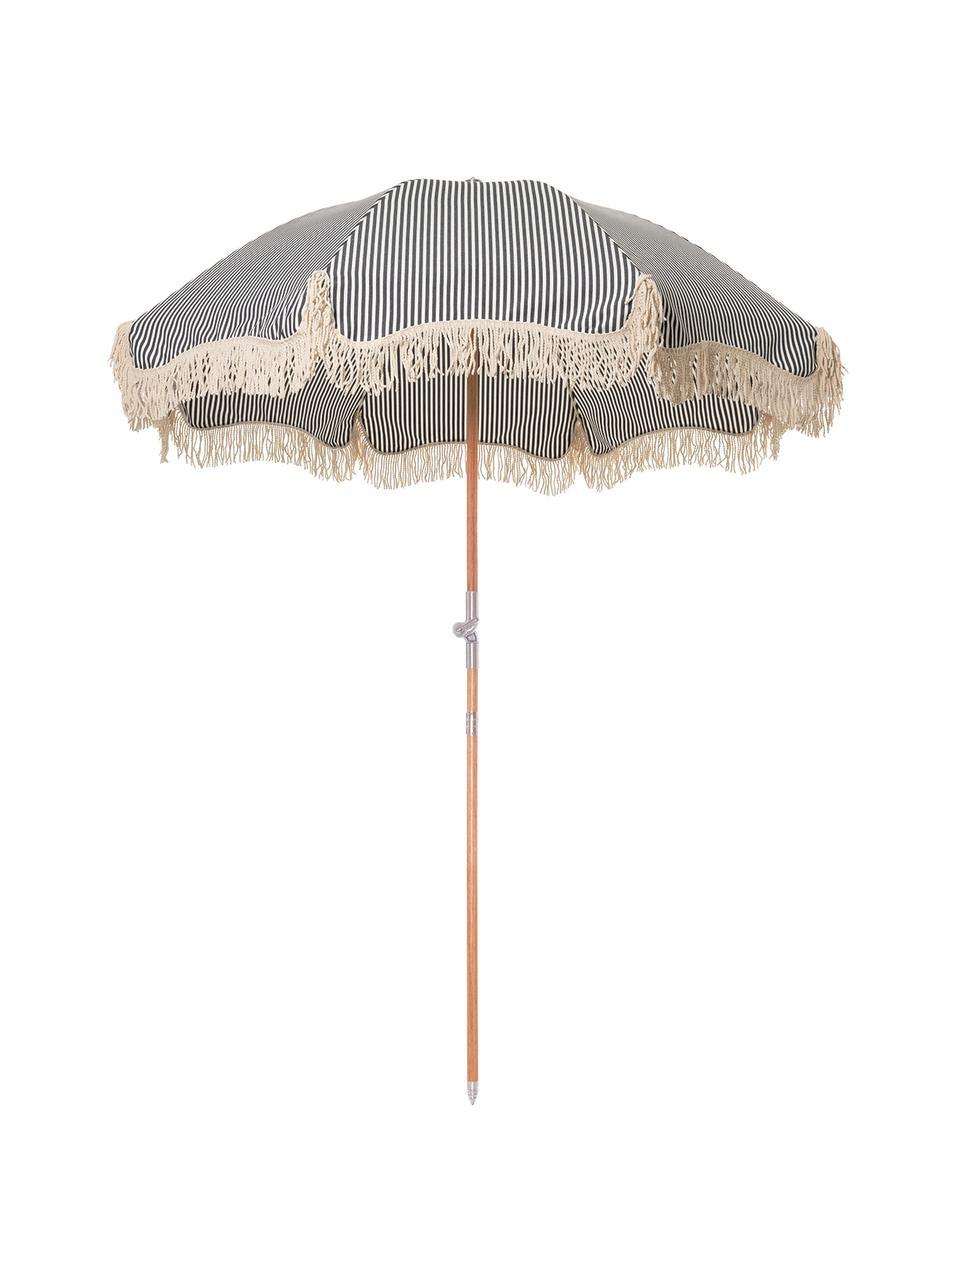 Gestreifter Sonnenschirm Retro mit Fransen in Blau-Weiß, abknickbar, Gestell: Holz, laminiert, Fransen: Baumwolle, Dunkelblau, Gebrochenes Weiß, Ø 180 x H 230 cm